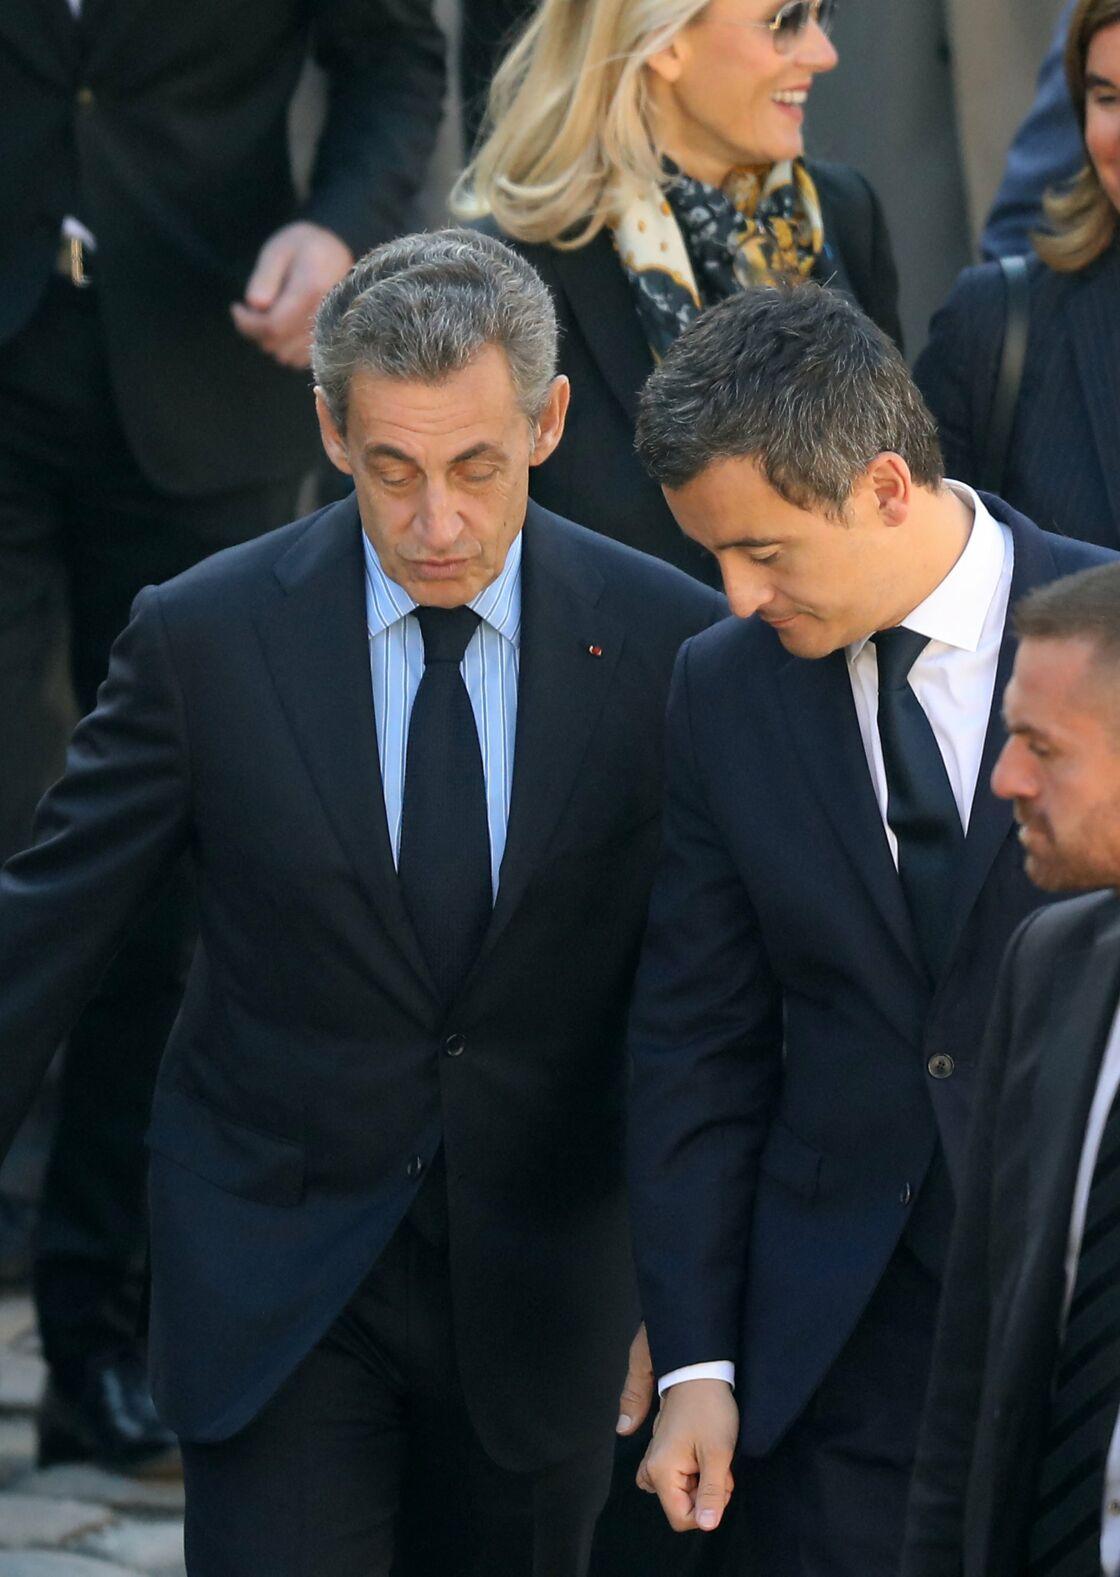 Nicolas Sarkozy, l'homme qui murmure à l'oreille de Gérald Darmanin depuis des années...